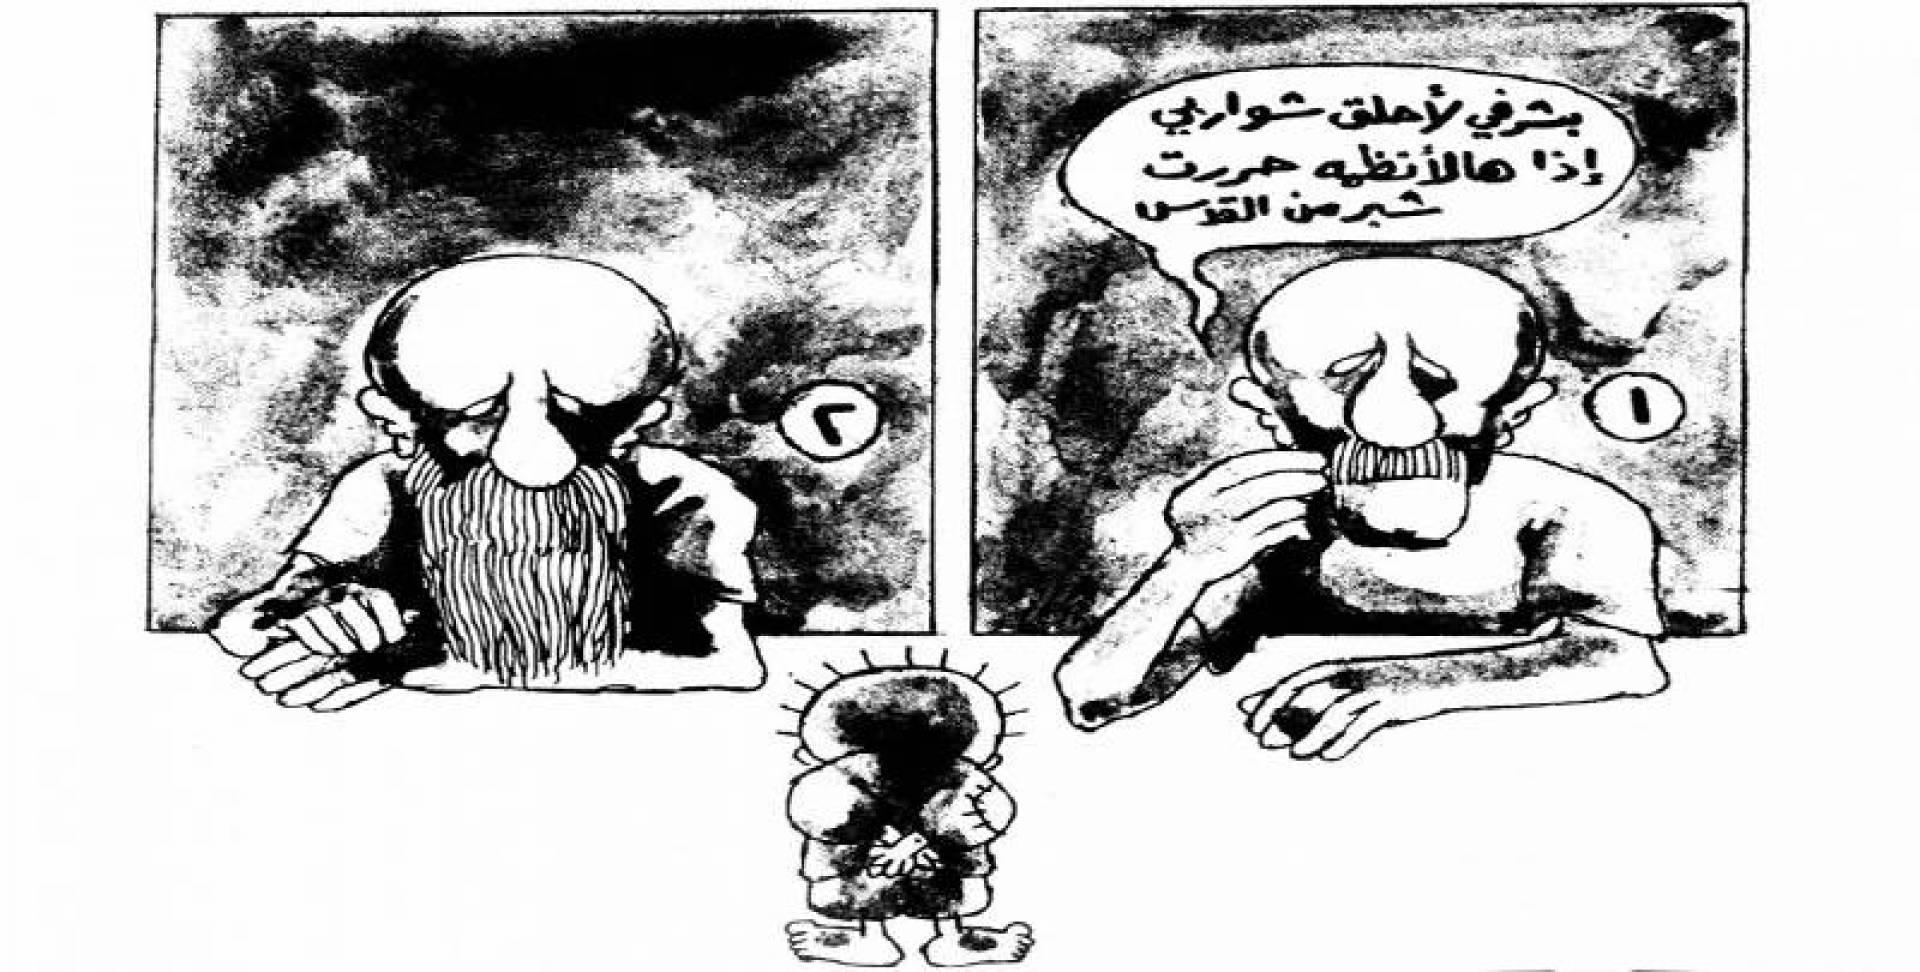 كاريكاتير ناجي العلي: الأنظمة.. وتحرير القدس